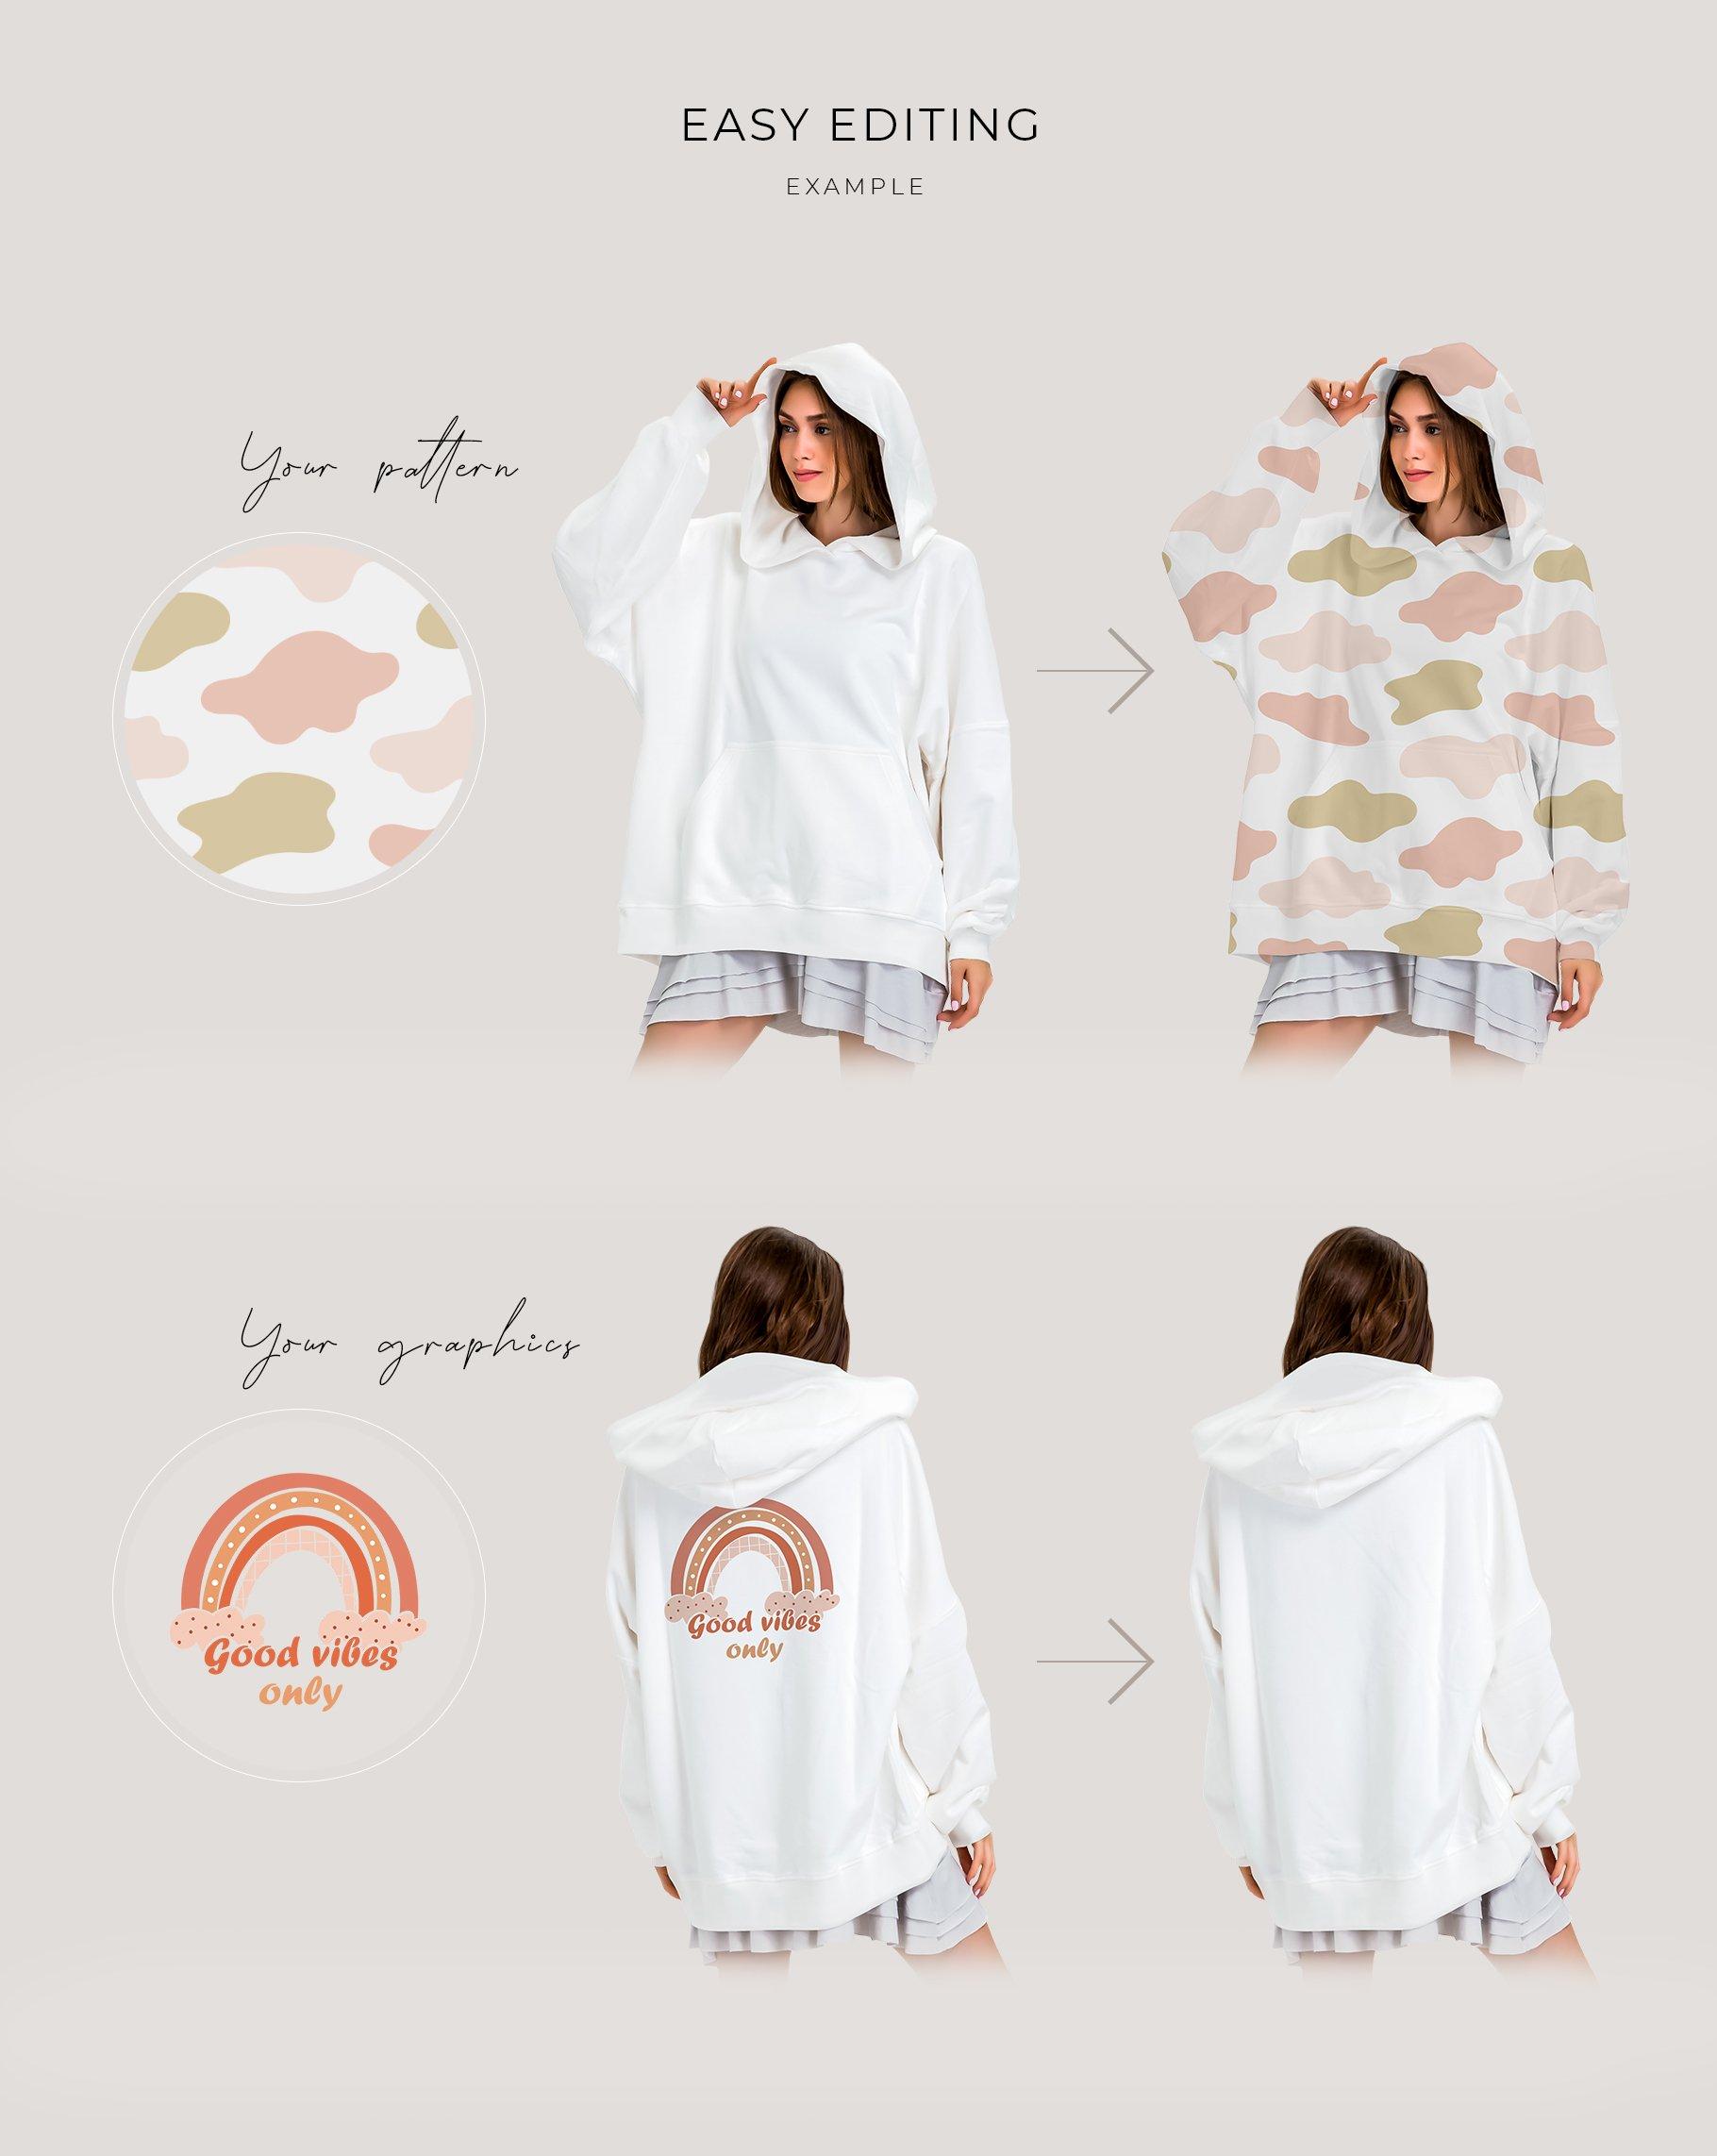 超大女式连衣帽卫衣印花图案设计展示贴图样机模板 Oversize Hoodie Mockup Templates插图2